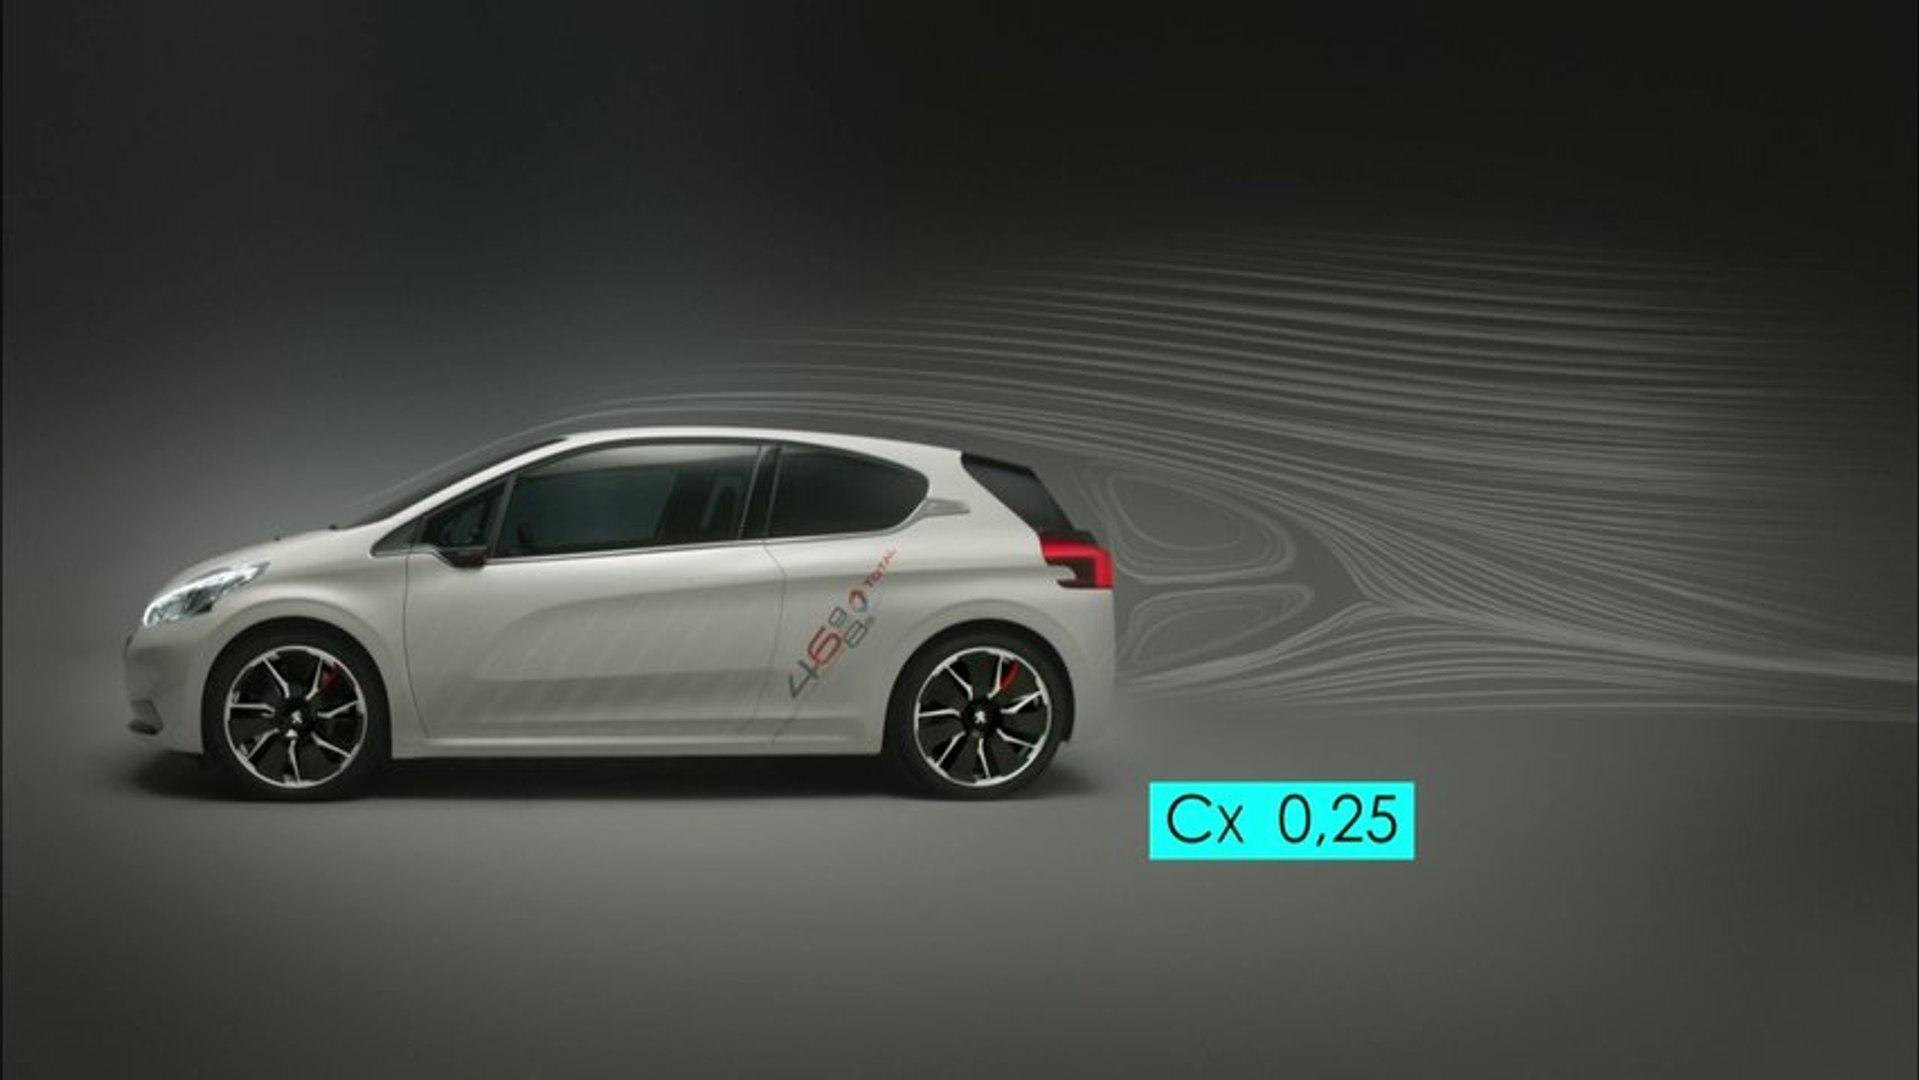 Présentation vidéo de la Peugeot 208 HYbrid FE - 2013